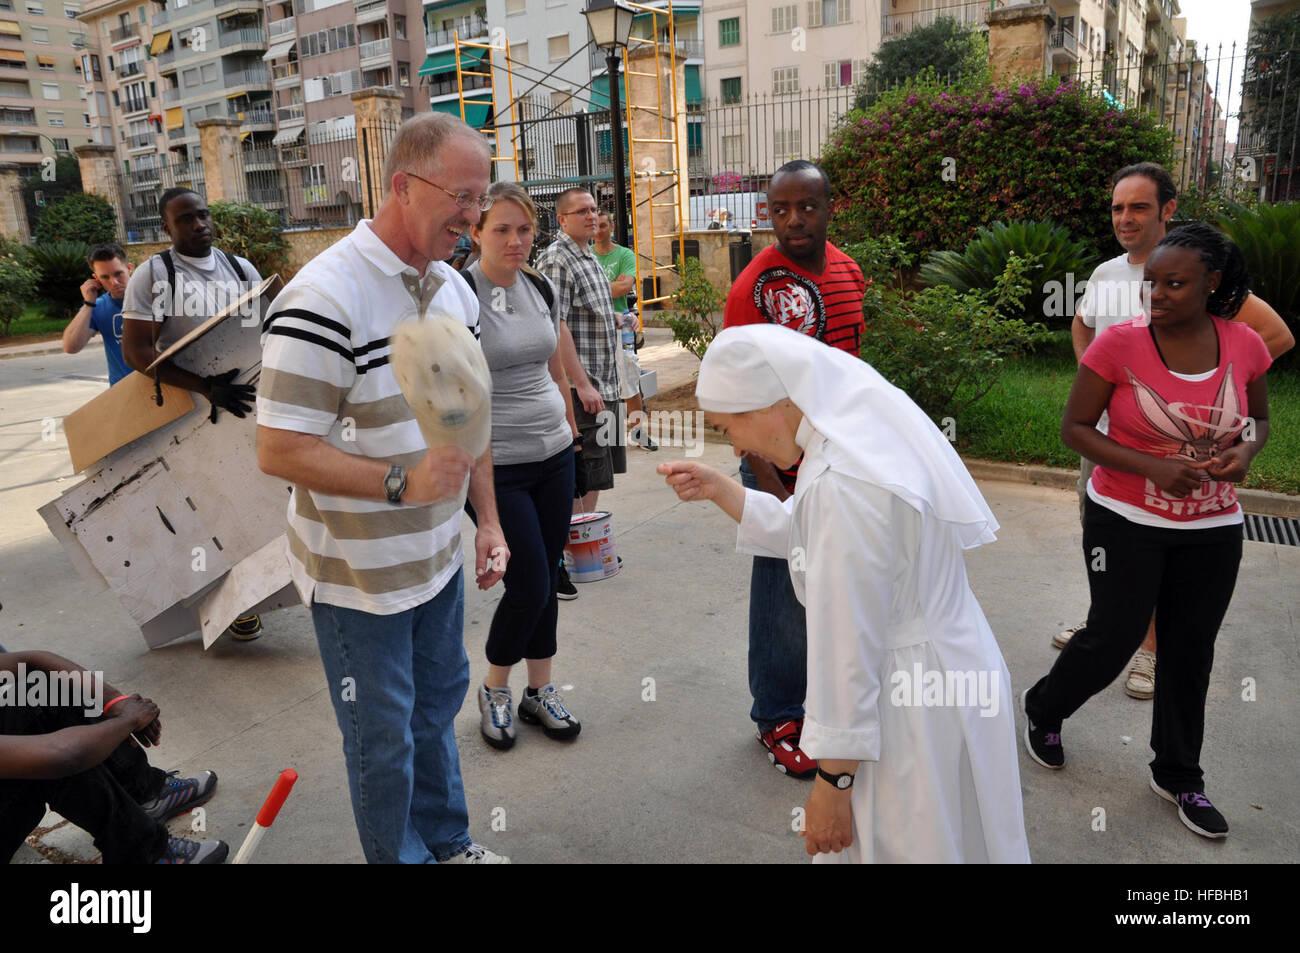 120705-N-YX169-013 PALMA DE MALLORCA, Spanien (4. Juli 2012) Lt ...